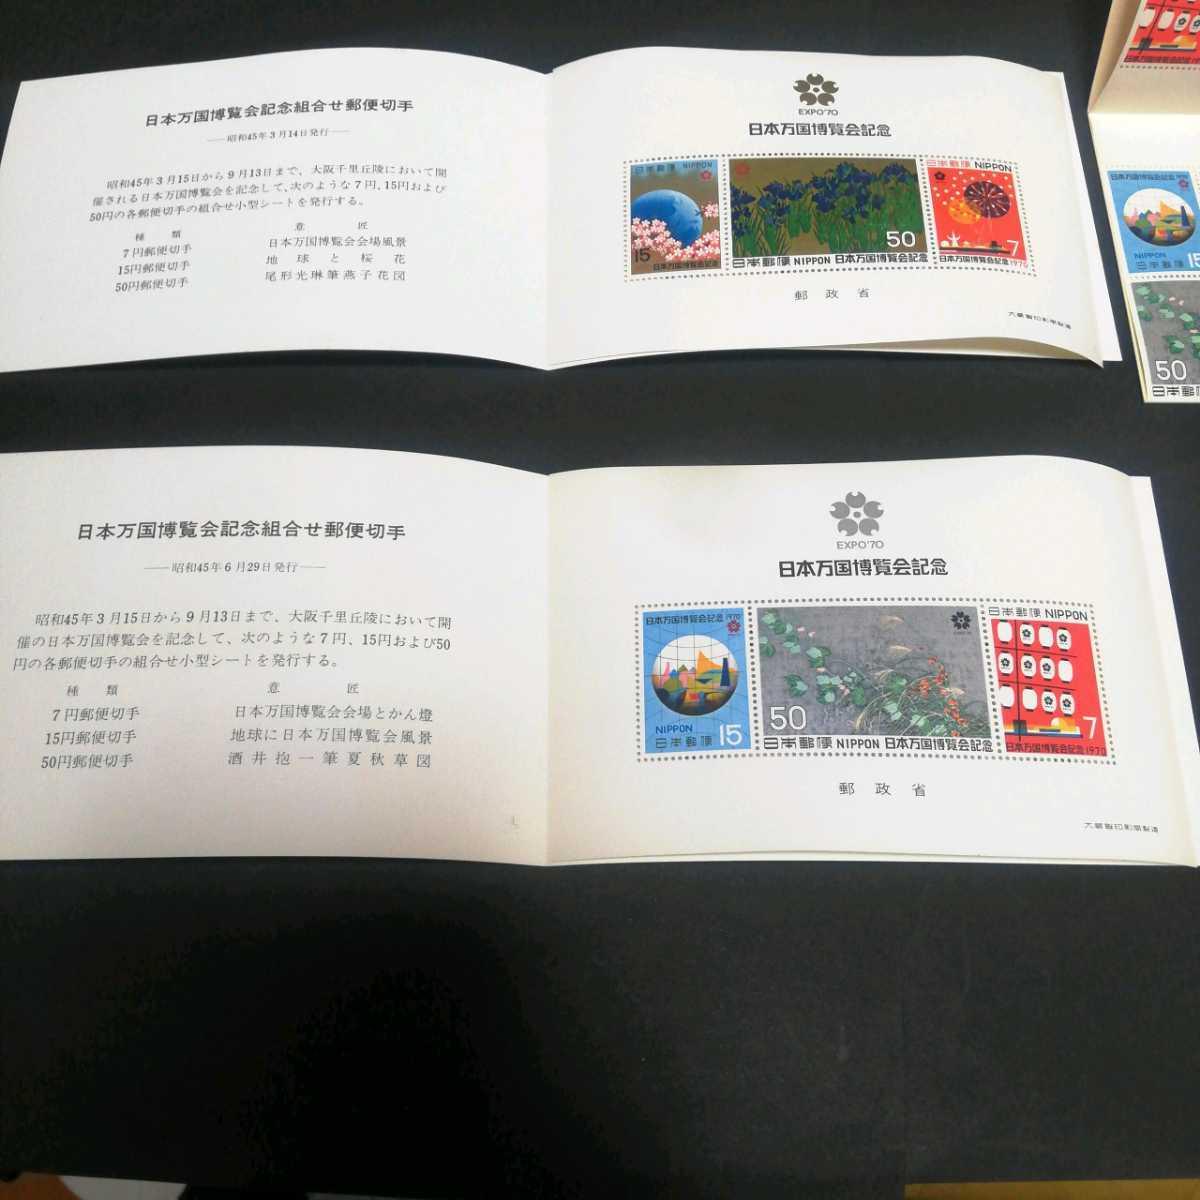 日本郵便 日本万博日本万国博覧会 記念切手 1次 2次 小型シート 未使用_画像2